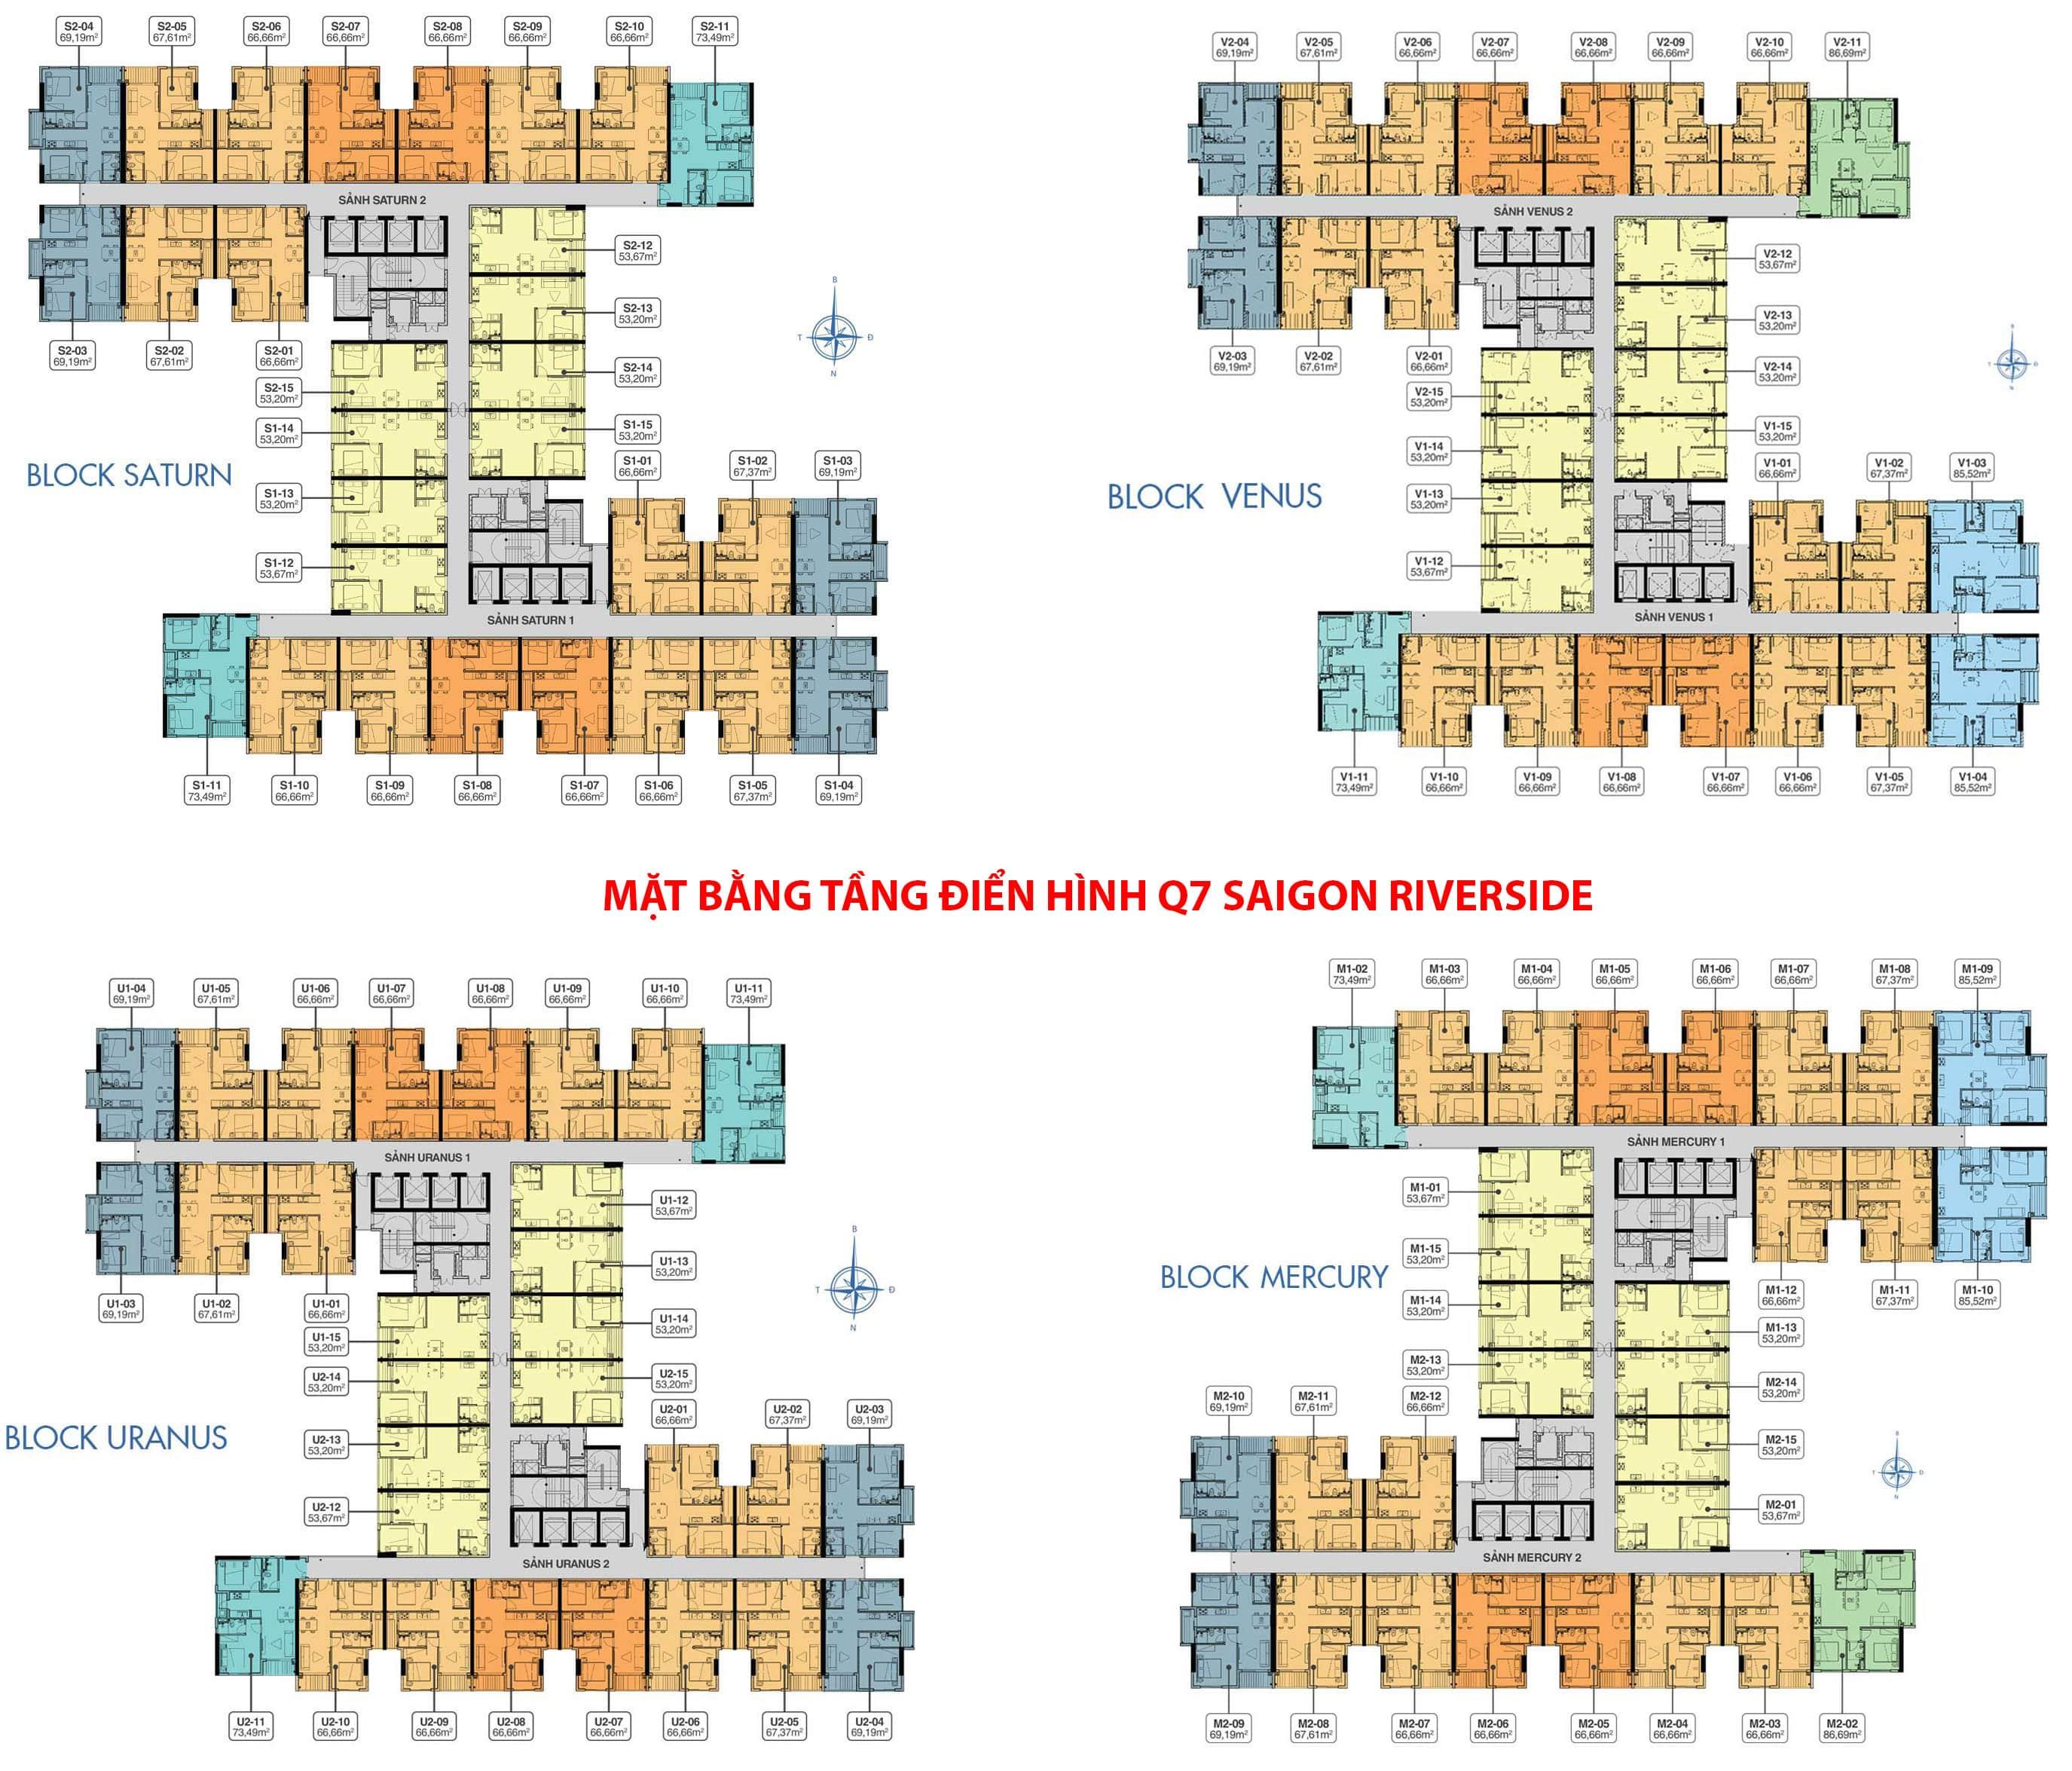 Mặt bằng tầng điển hình tổng thể 4 block Q7 Saigon Riverside